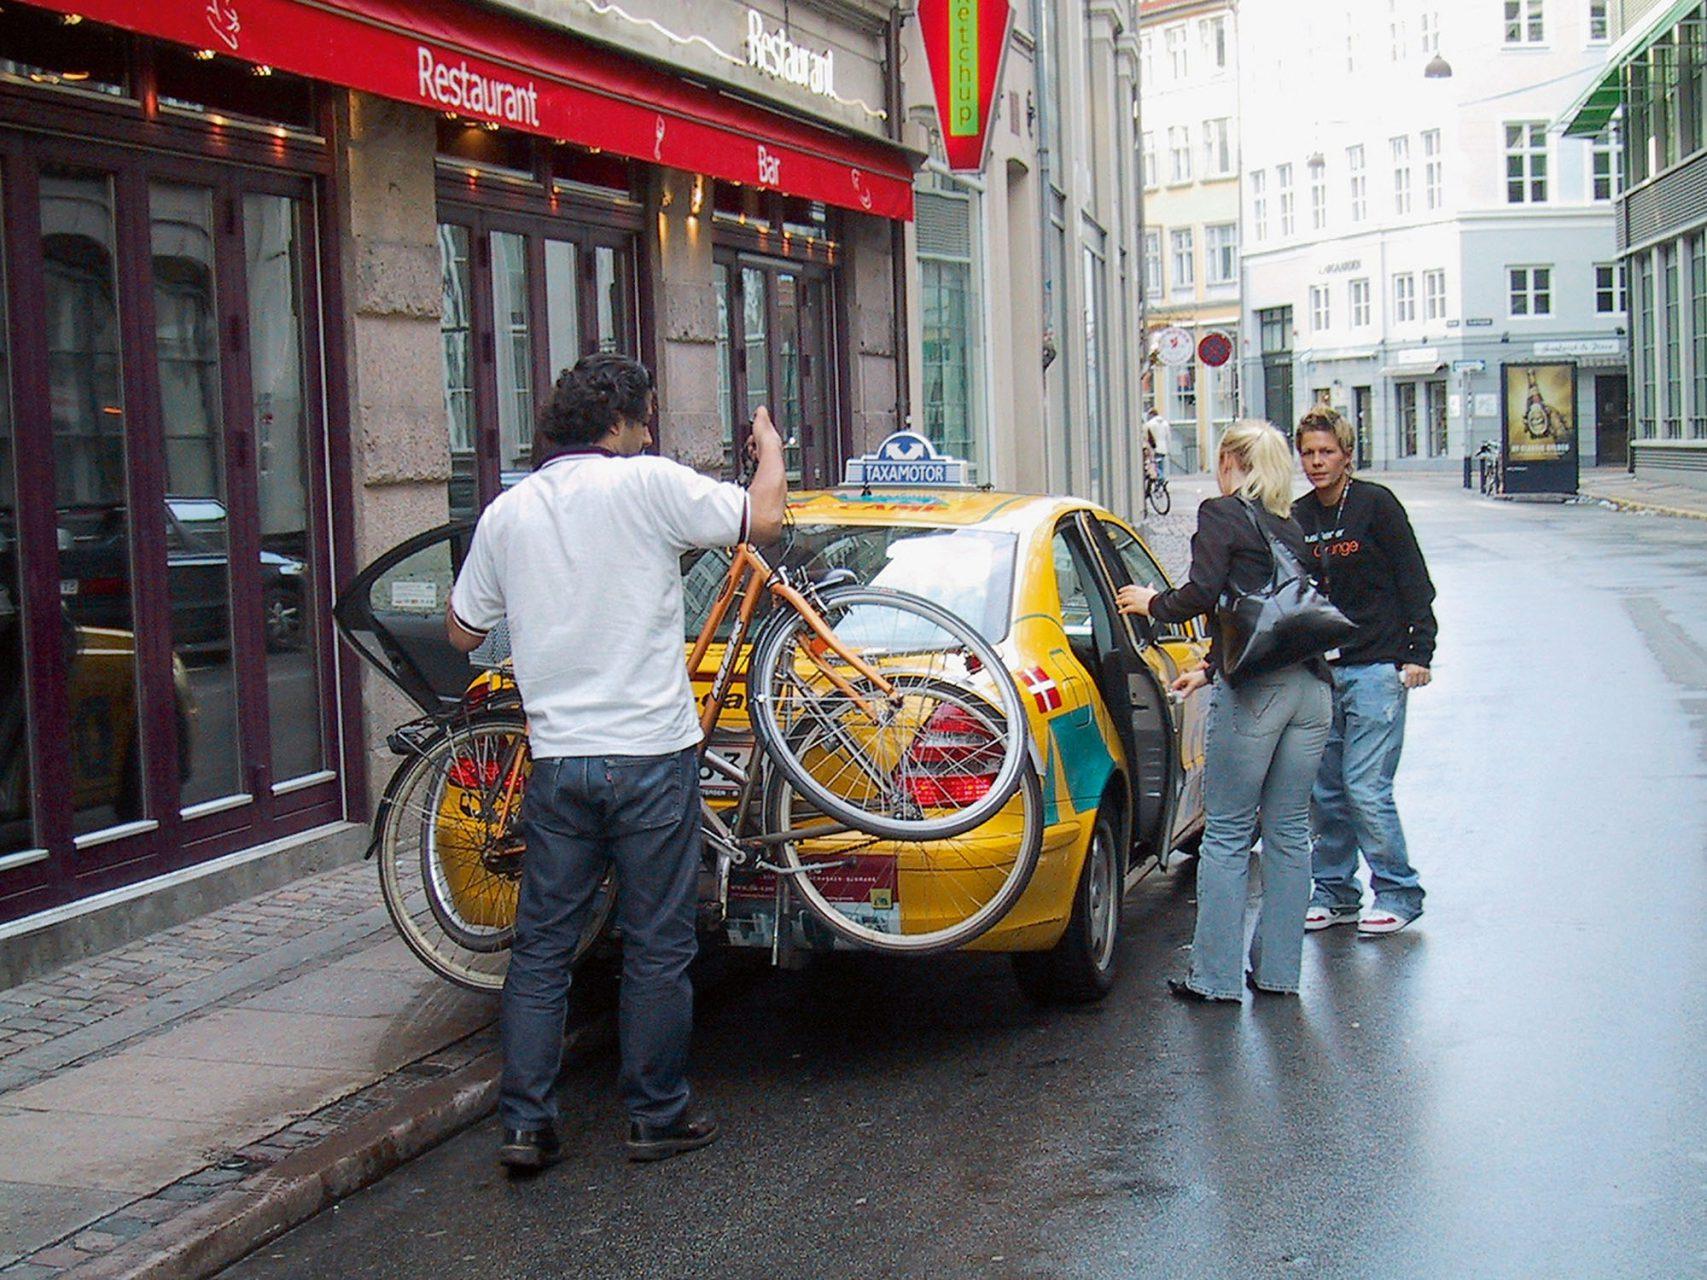 Die Stadt auf Augenhöhe.  Die kombinierte Nutzung von Rad, öffentlichen Verkehrsmitteln und Taxis erleichtert das Pendeln in der Stadt.